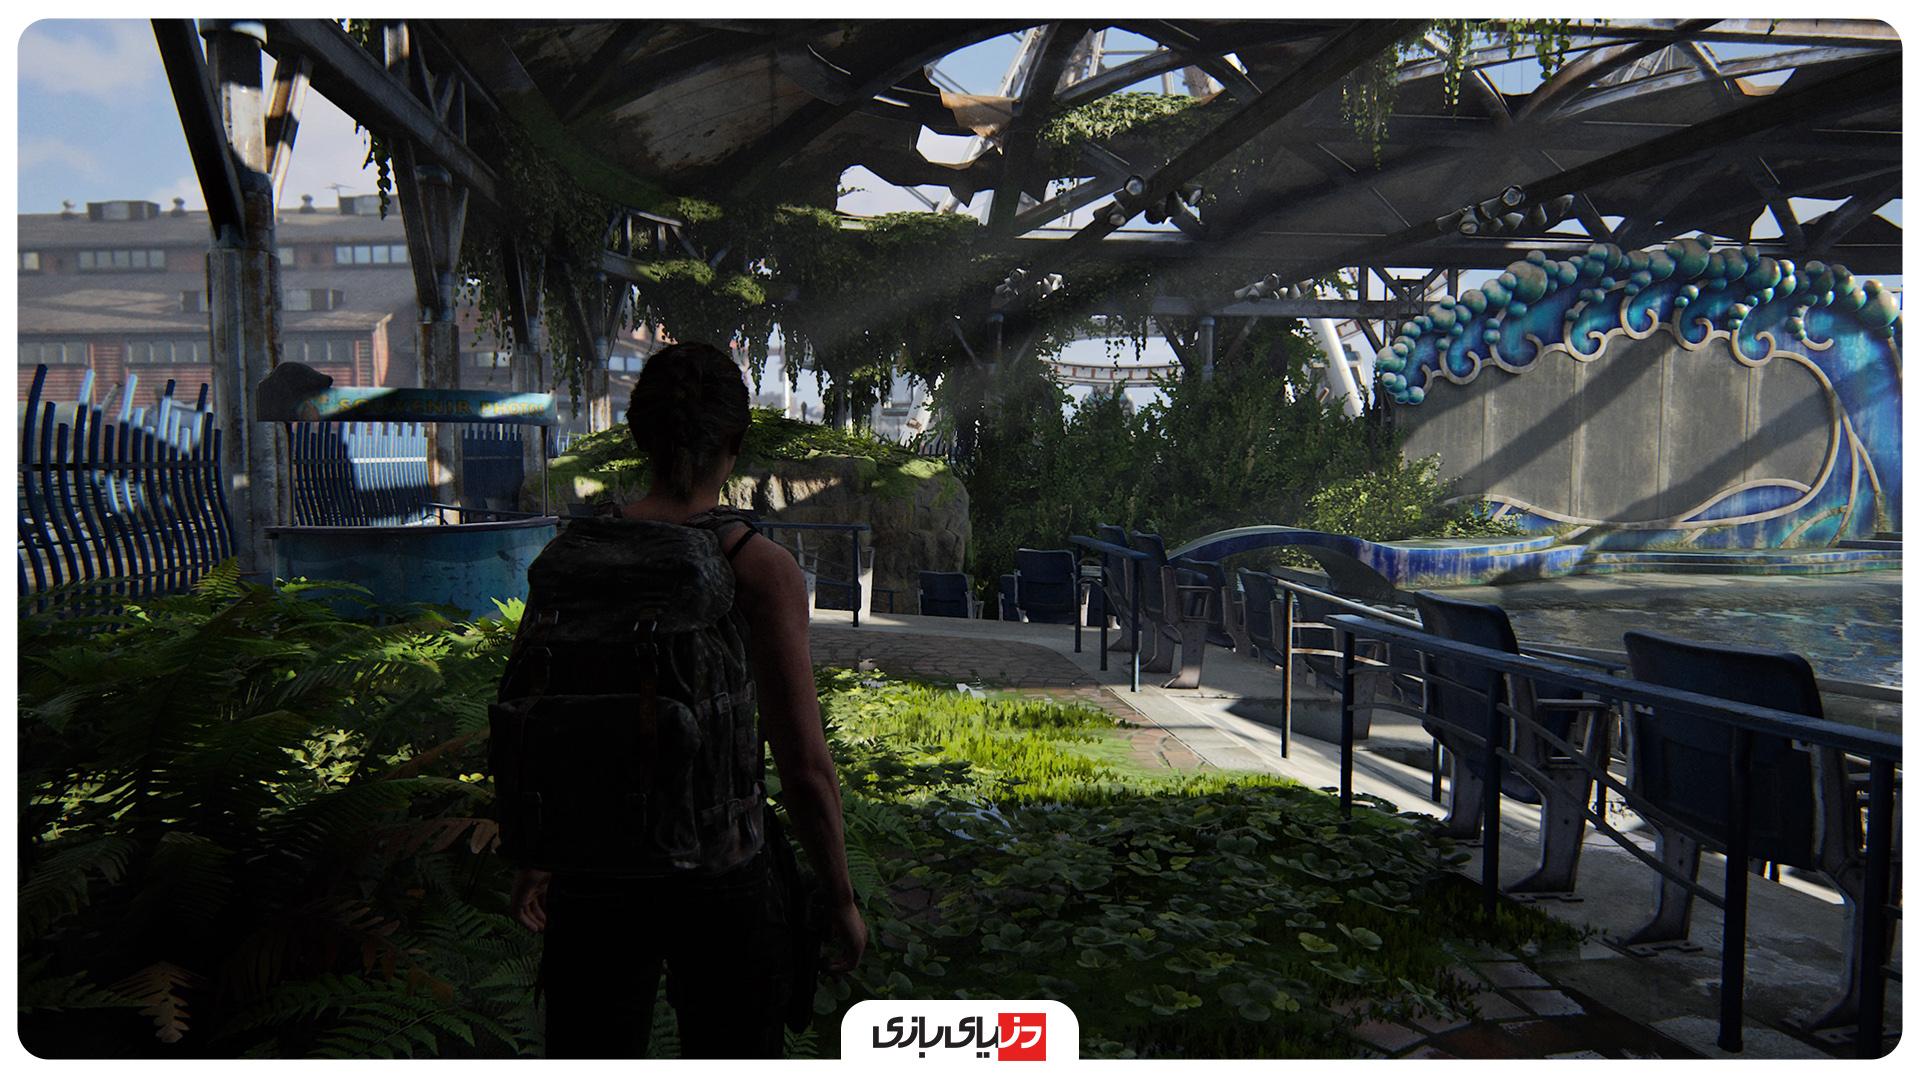 نقد و بررسی بازی The Last of Us Part 2